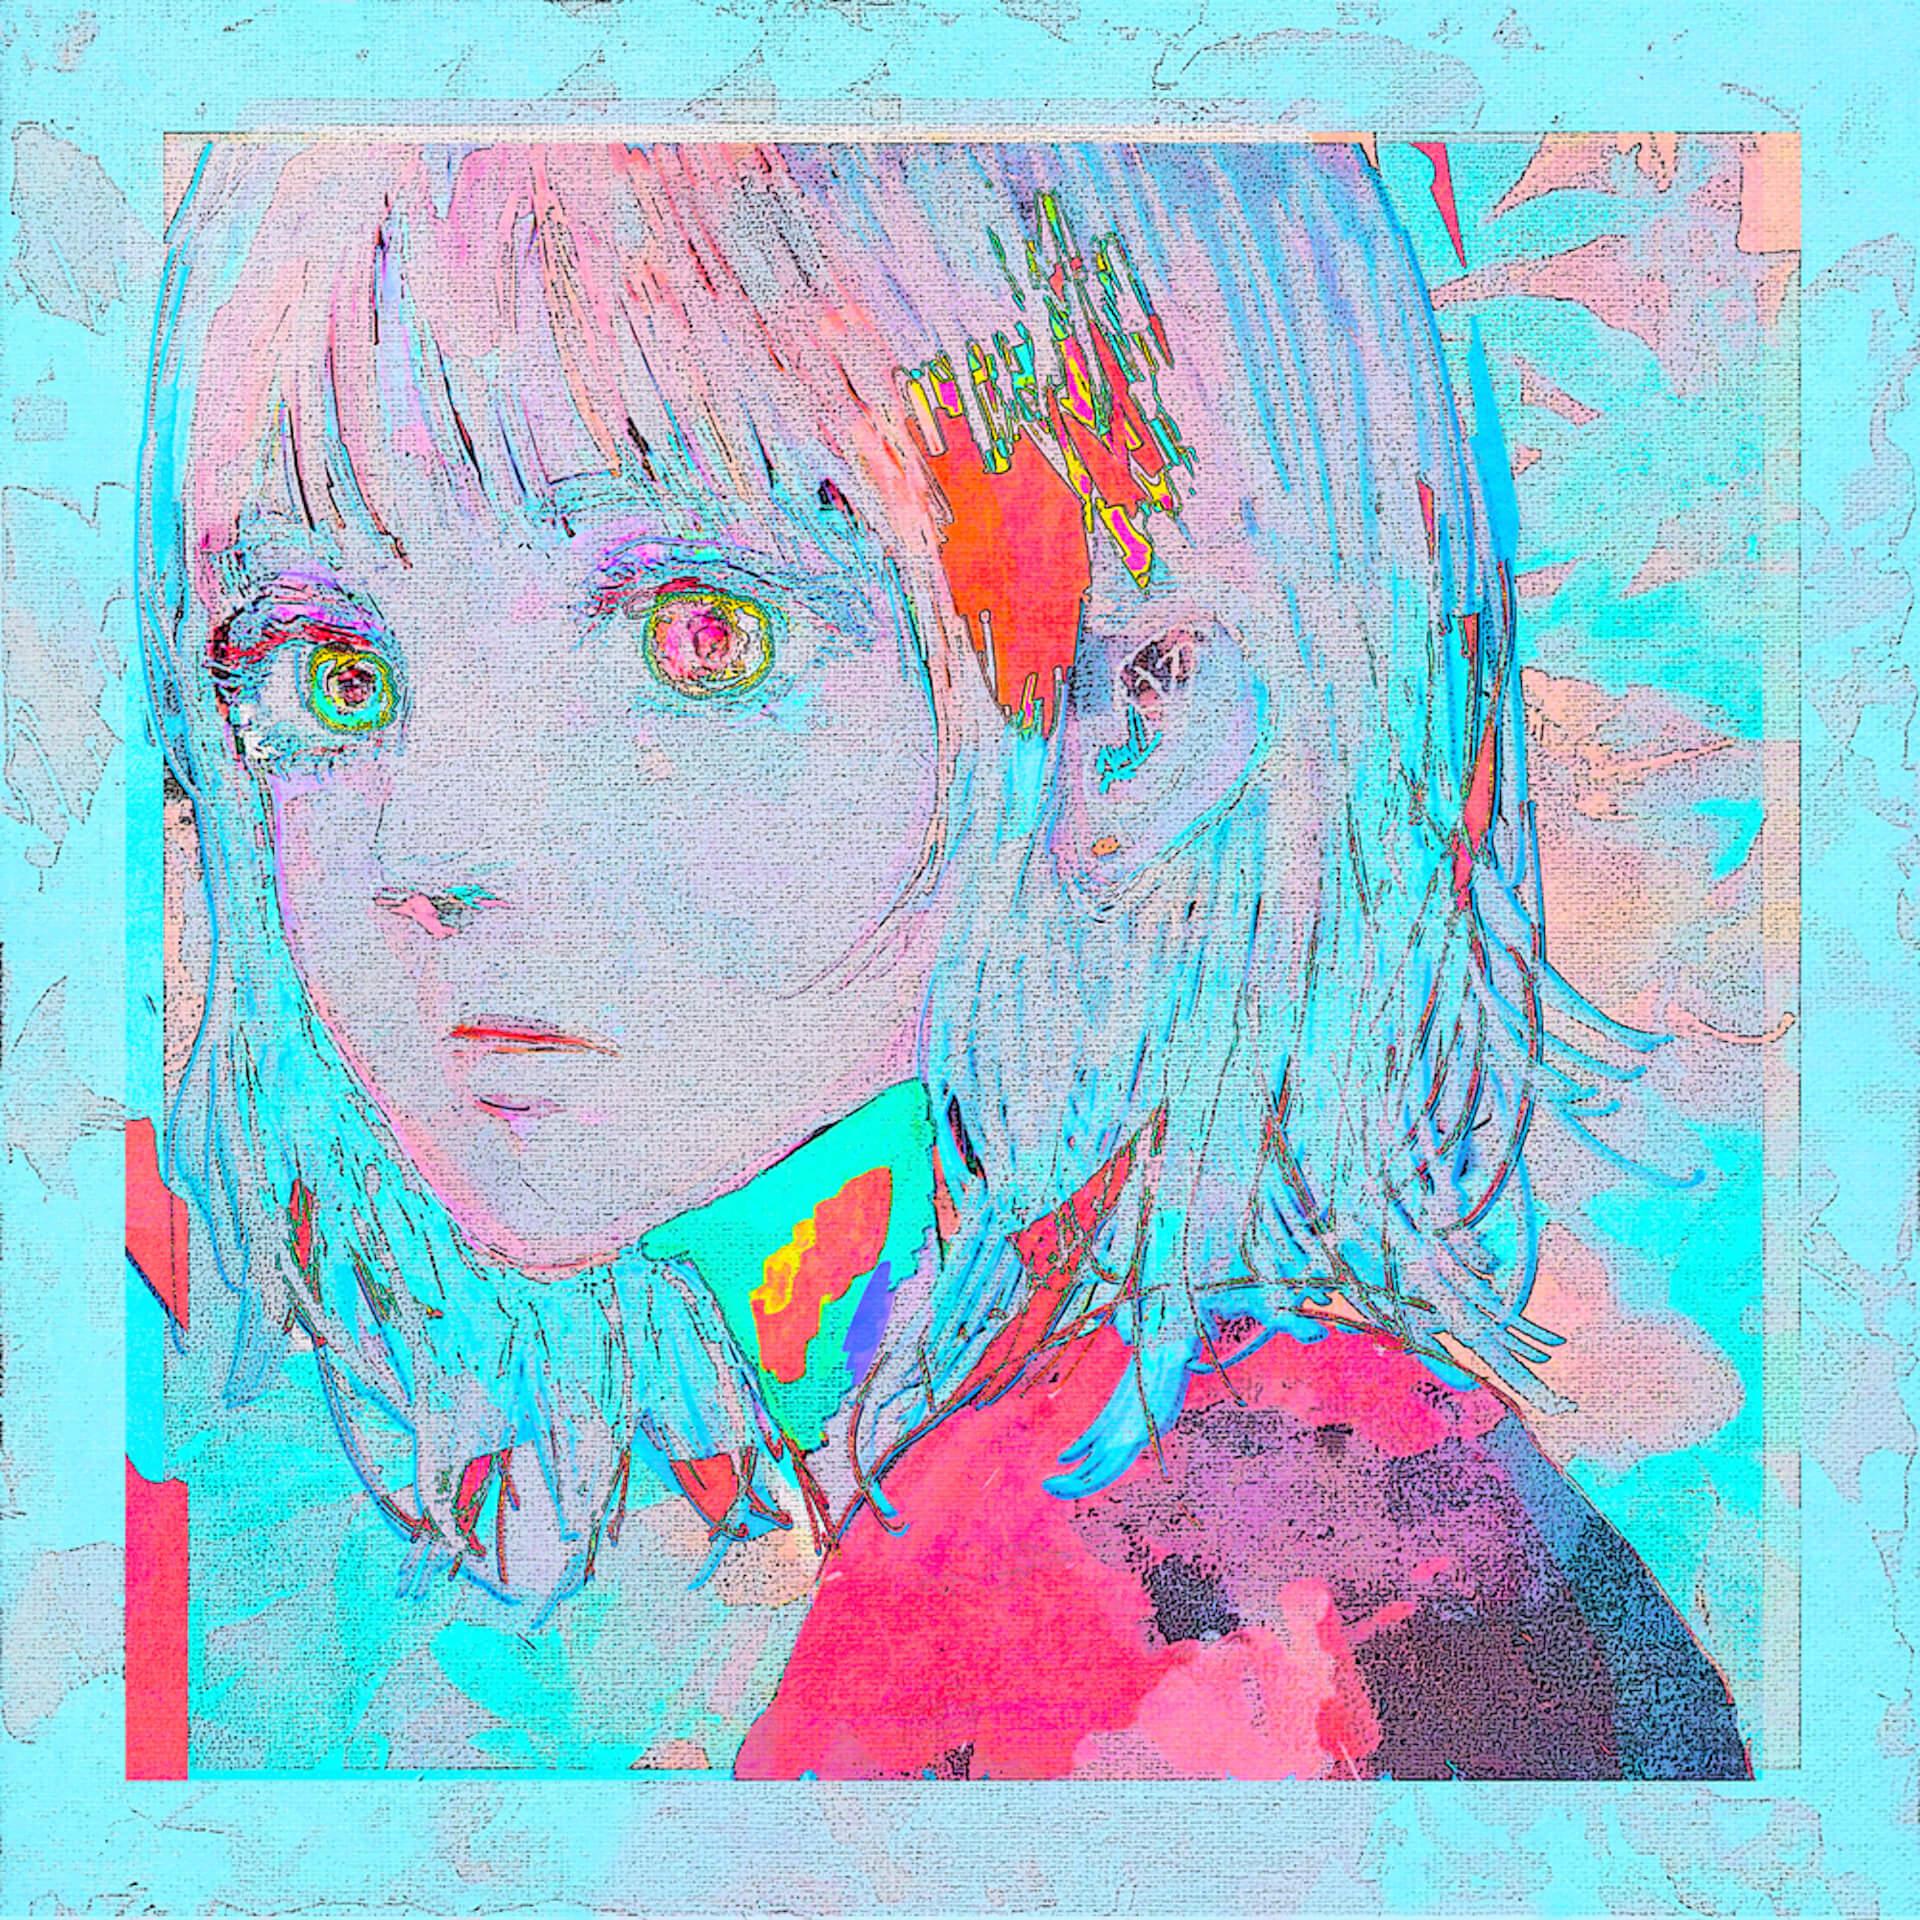 米津玄師ニューシングル『Pale Blue』発売記念!「#トケチャレ」ブースがCDショップで展開決定 music210611_yonezukenshi_paleblue_2